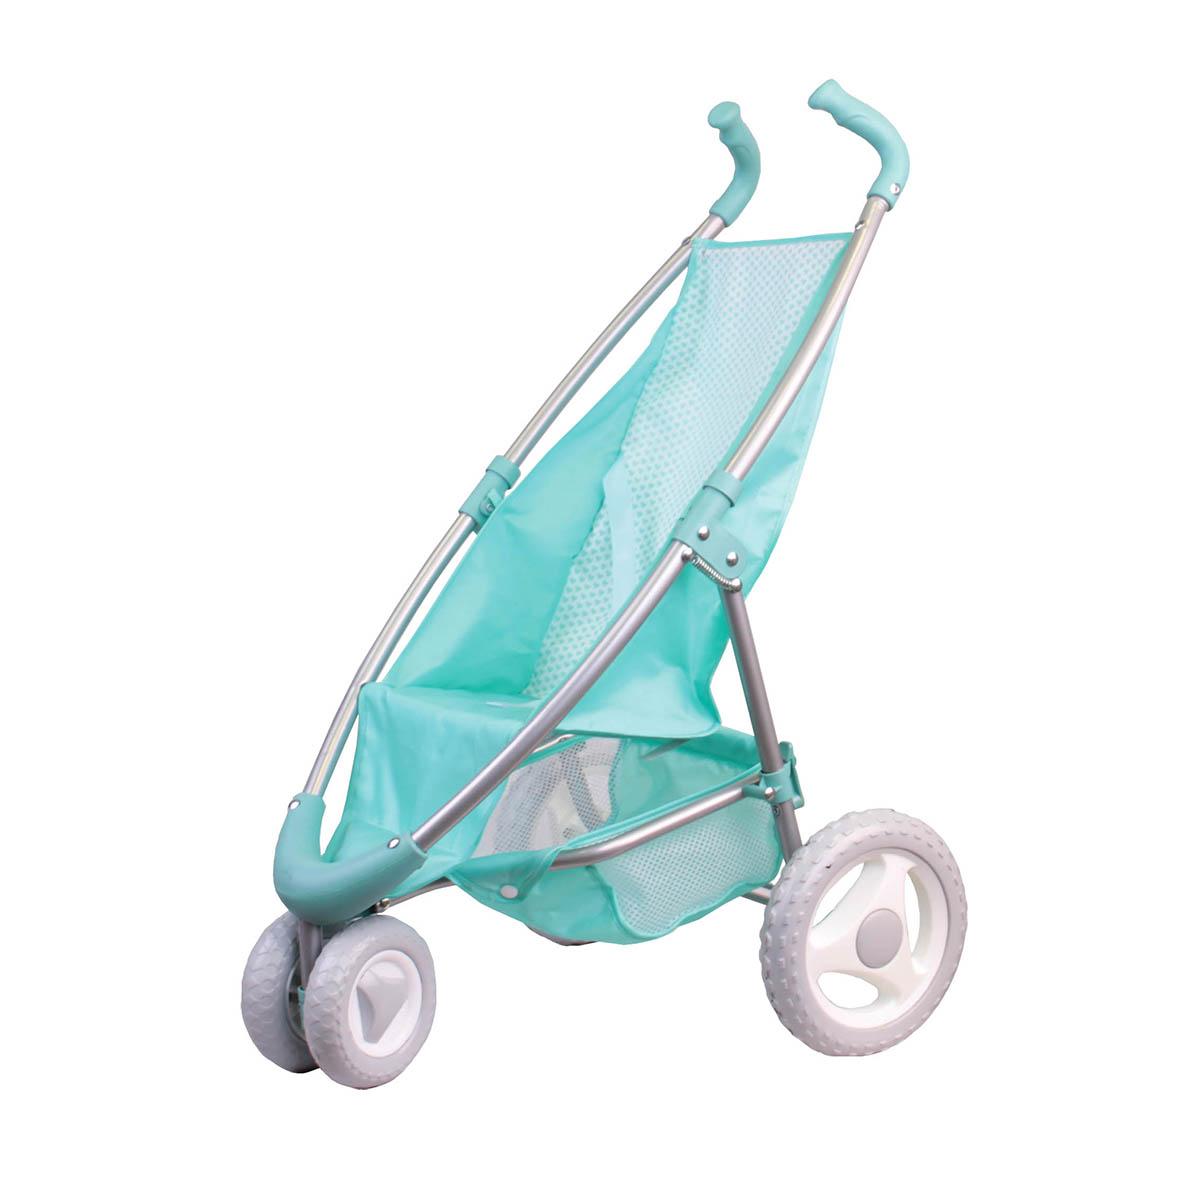 Коляска прогулочная мятная с поворотными передними колесамиКоляски для кукол<br>Коляска прогулочная мятная с поворотными передними колесами<br>